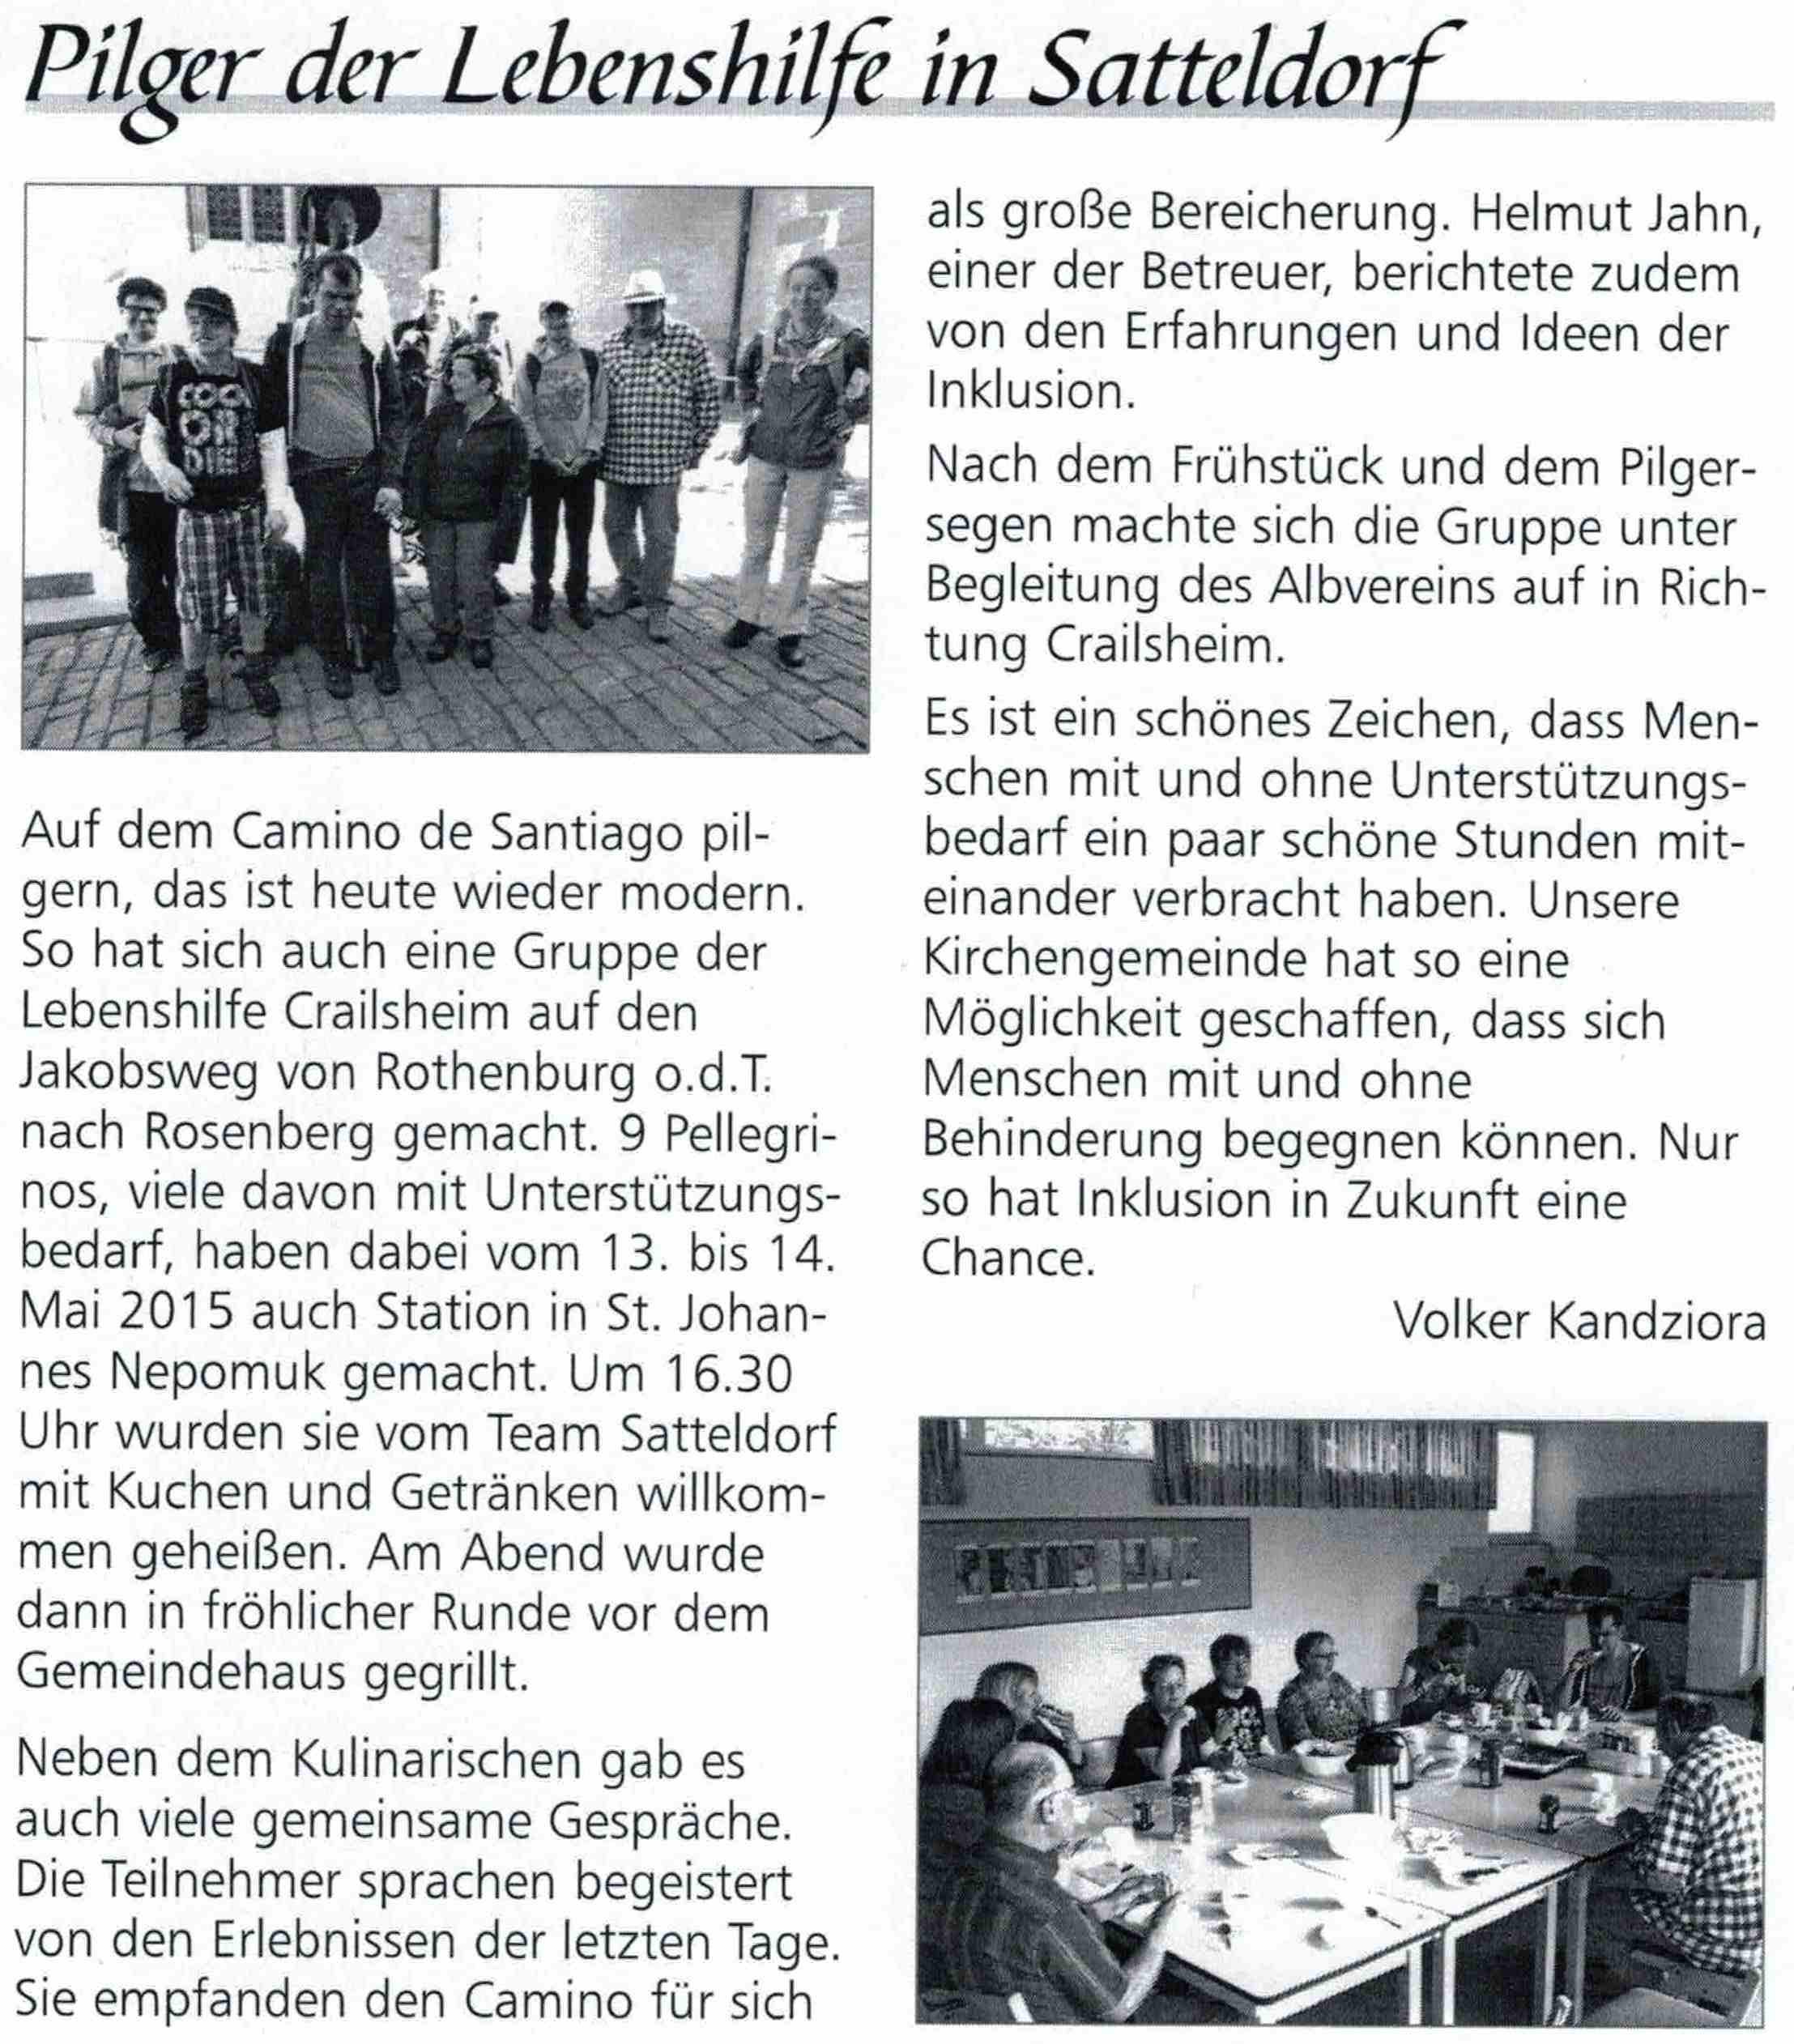 Pilgern Satteldorf.jpg - 341.95 KB